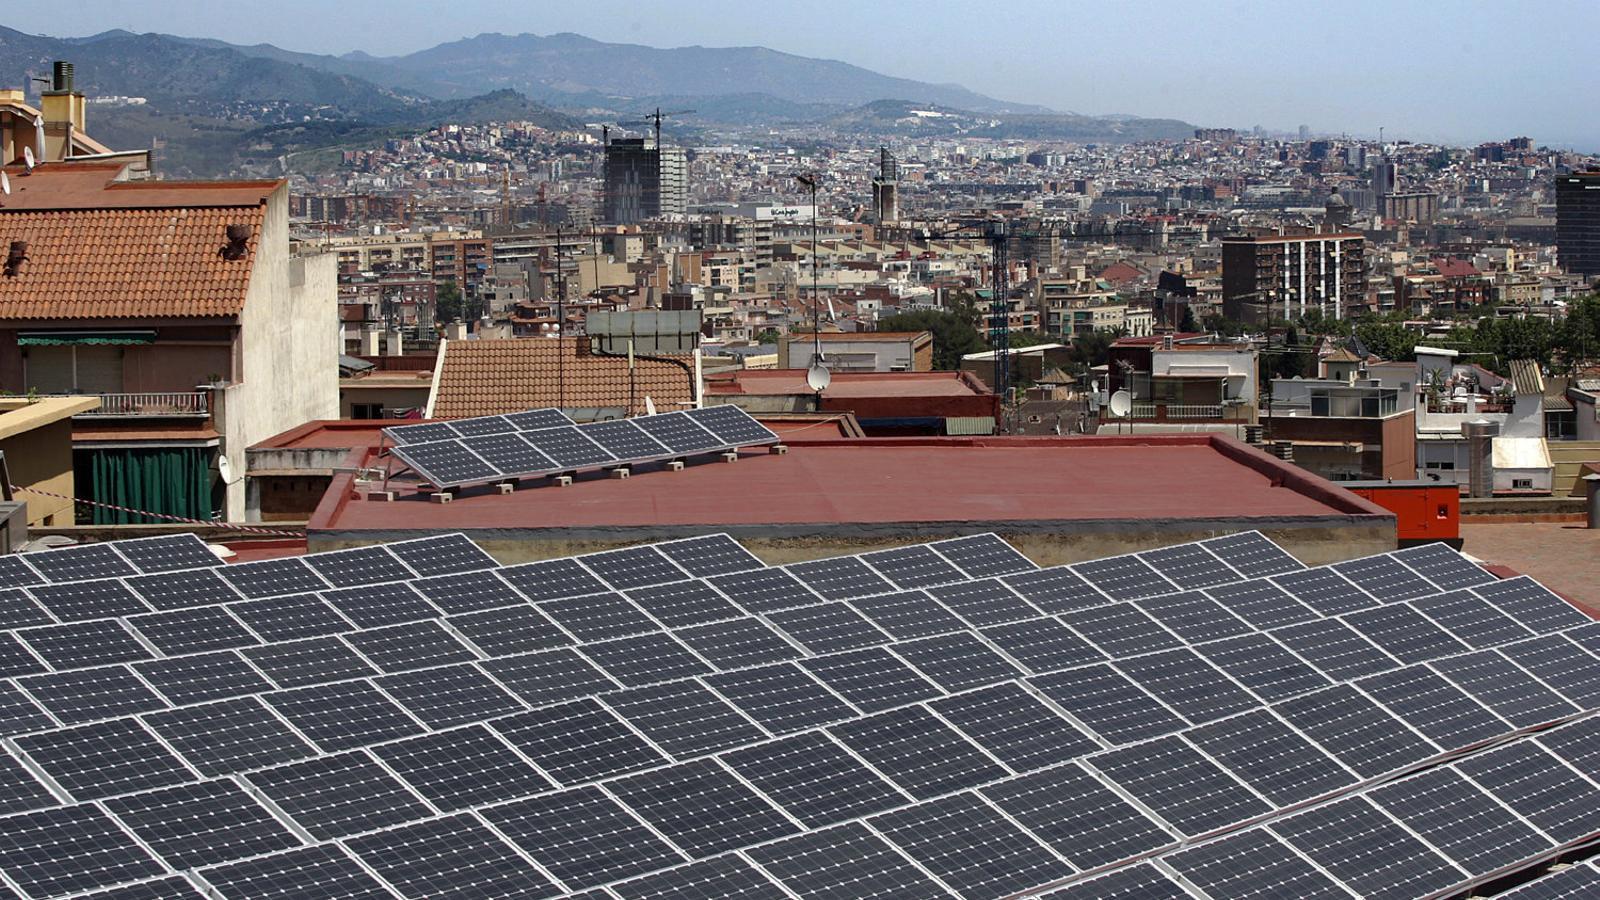 Fomentar l'ús de l'energia solar és una de les polítiques públiques que alguns ajuntaments estan posant en marxa.